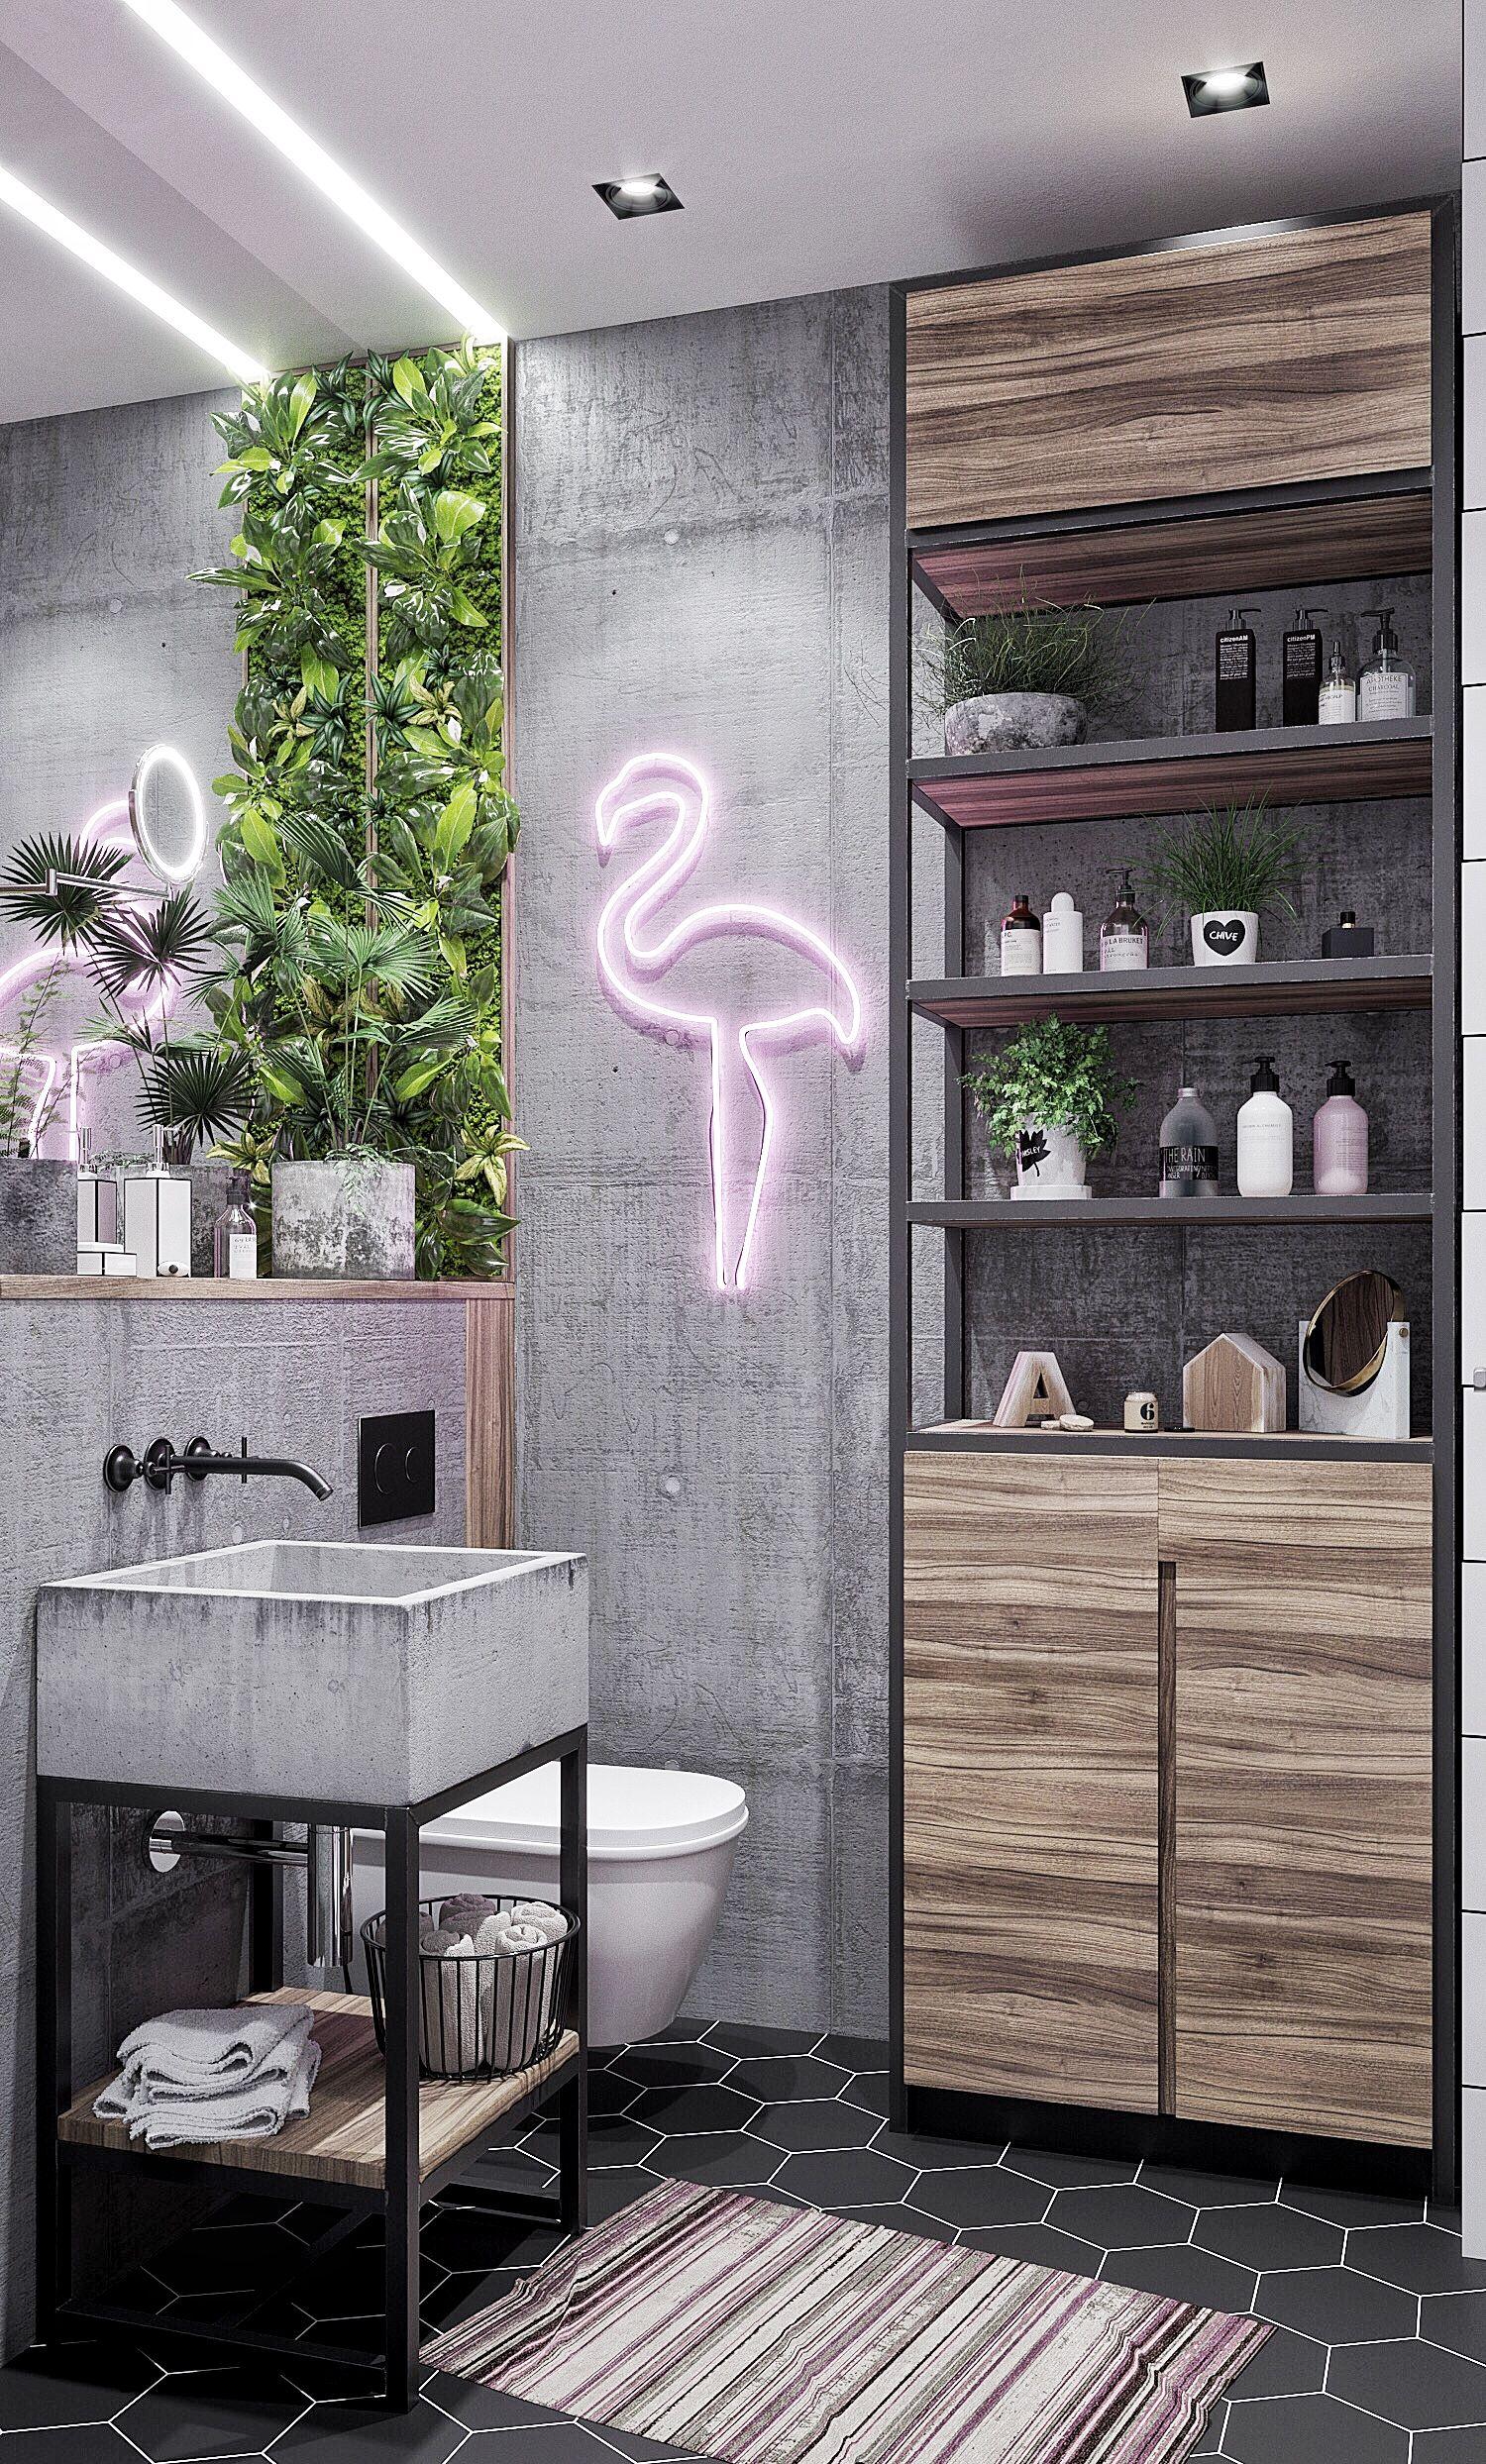 Modernes Badezimmer Mit Betonwänden, Betonwaschbecken Und Pelikan Leuchte,  Kleines Bad, Ideen Badezimmer,